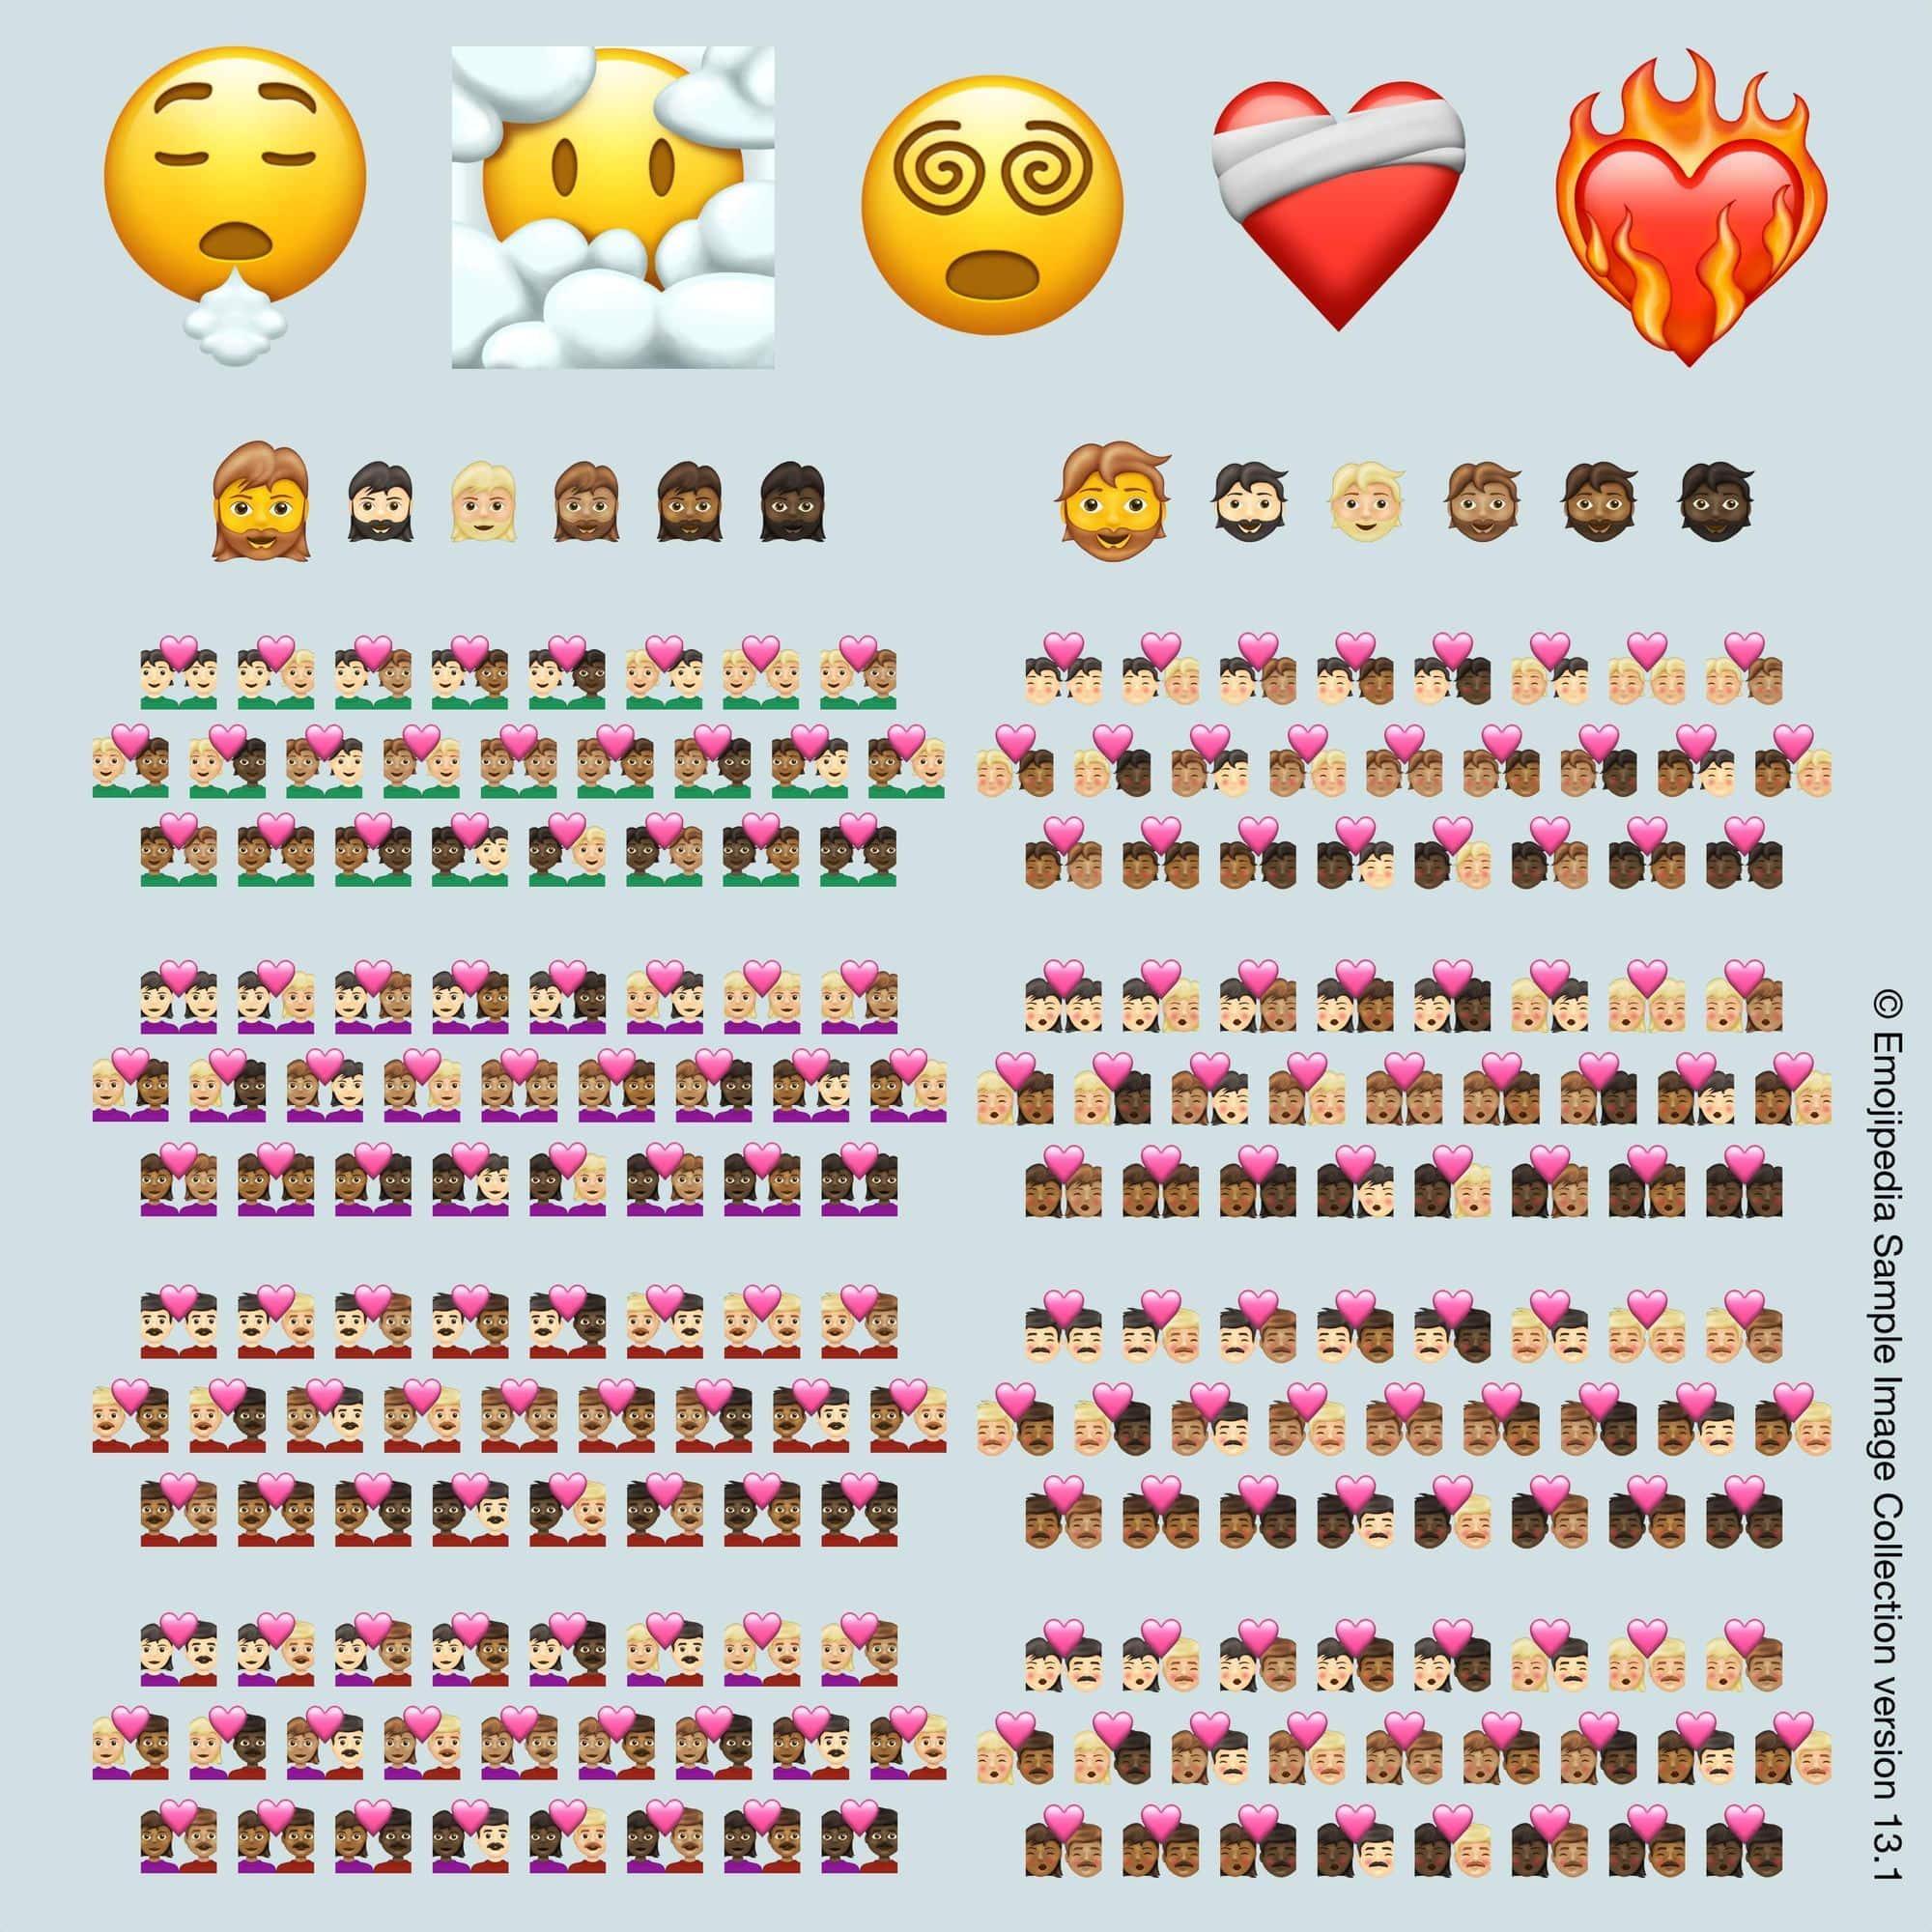 Illustrasjon av emojiene som kommer i 2021, er bildet lånt fra Emojipedia.org (© Emojipedia).